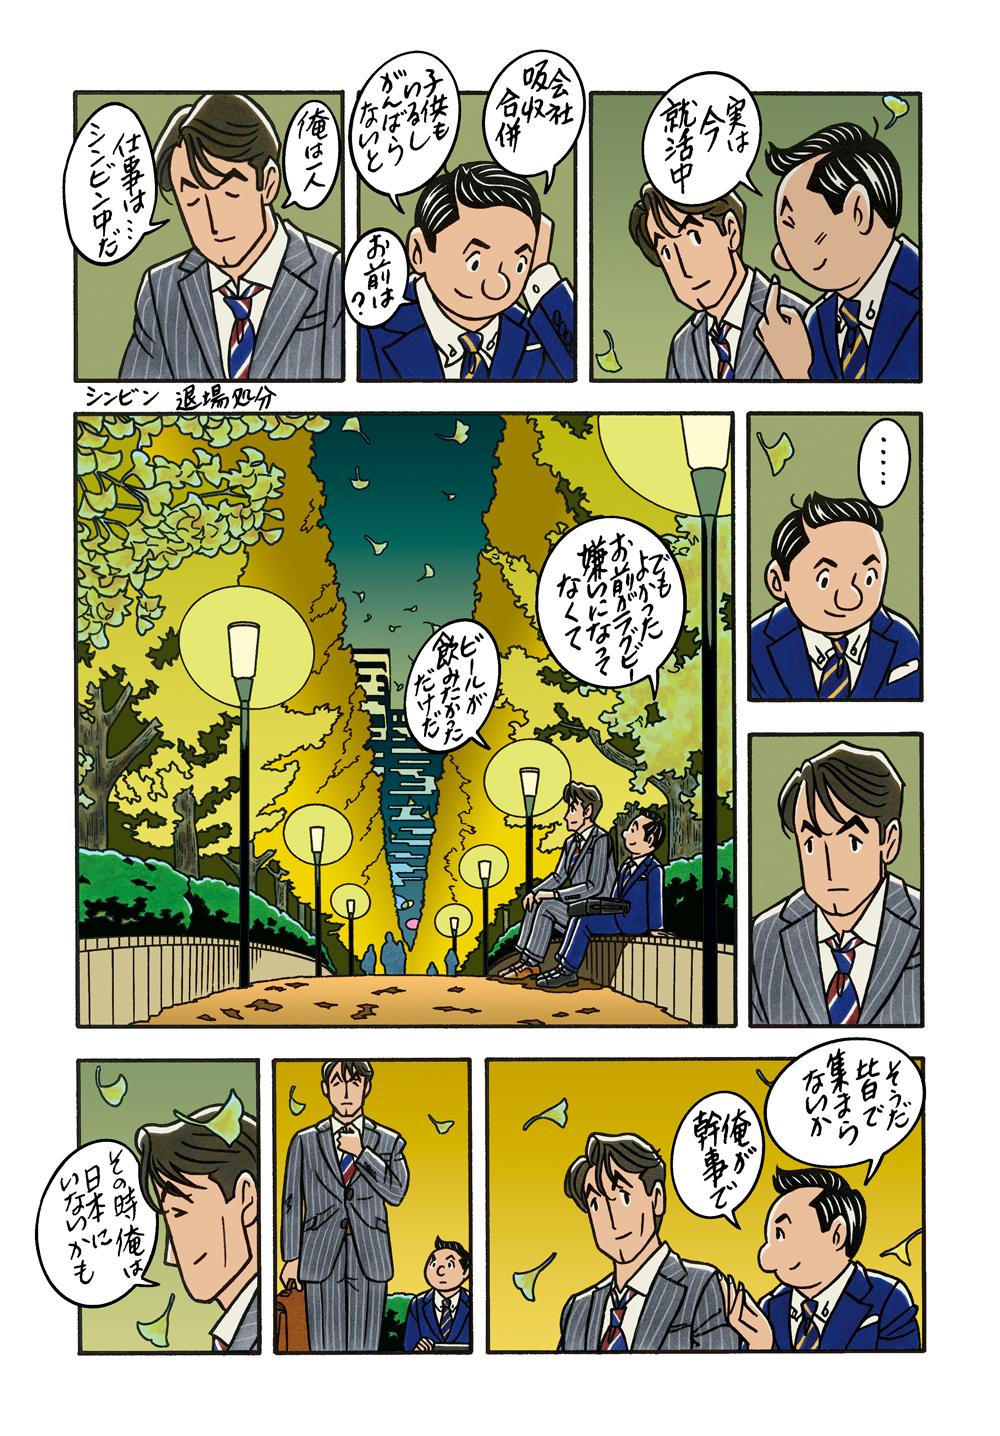 ワンダーカクテル 【第19話 stand up!】5ページ目画像